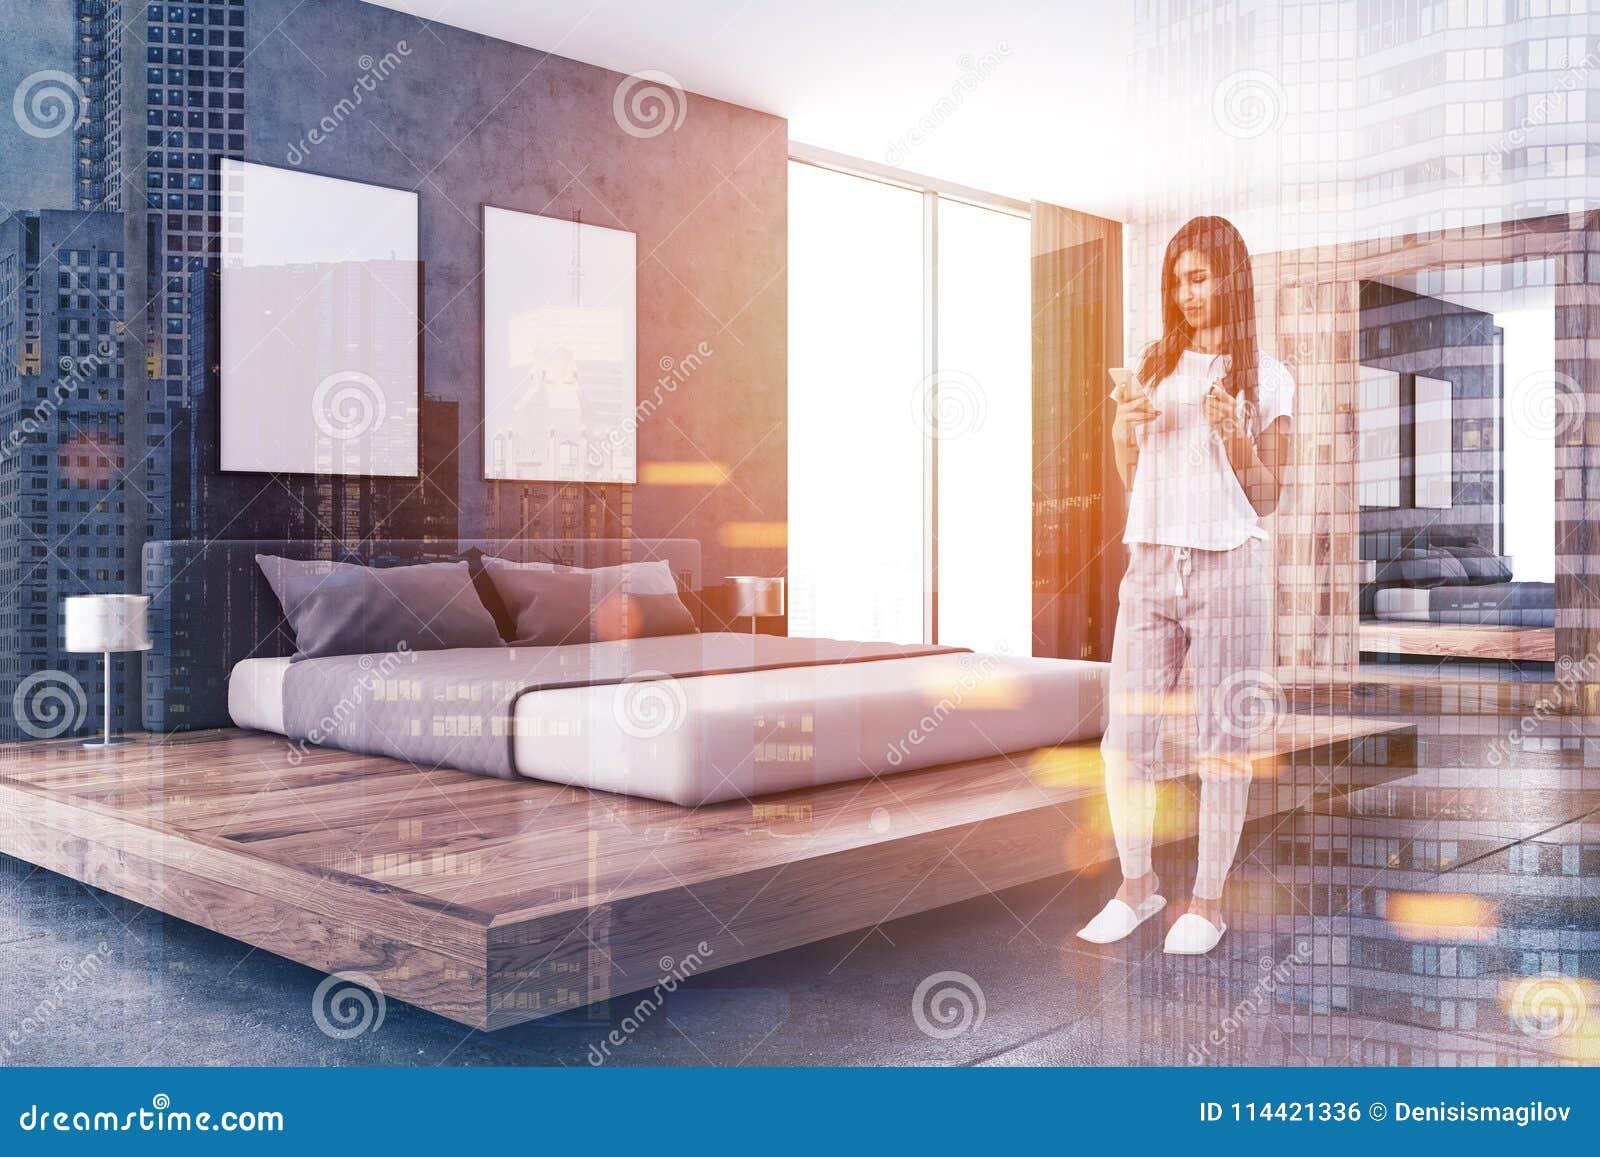 Concrete Wall Scandinavian Bedroom, Posters Toned Stock ...